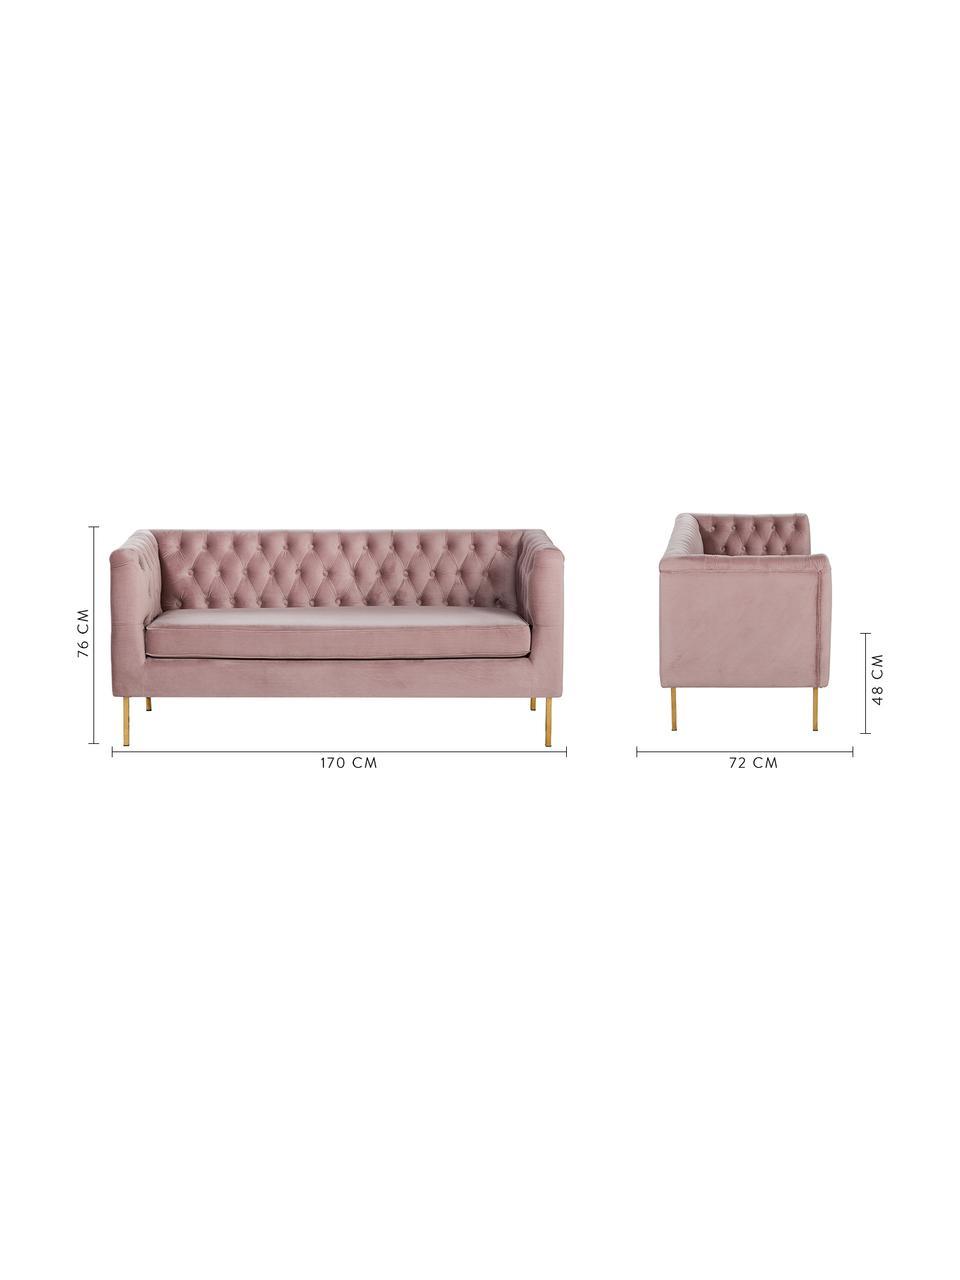 Chesterfield-Samt-Sofa Chiara (2-Sitzer) in Rosa, Bezug: Samt (Polyester) Der hoch, Gestell: Massives Birkenholz, Füße: Metall, galvanisiert, Samt Rosa, B 170 x T 72 cm